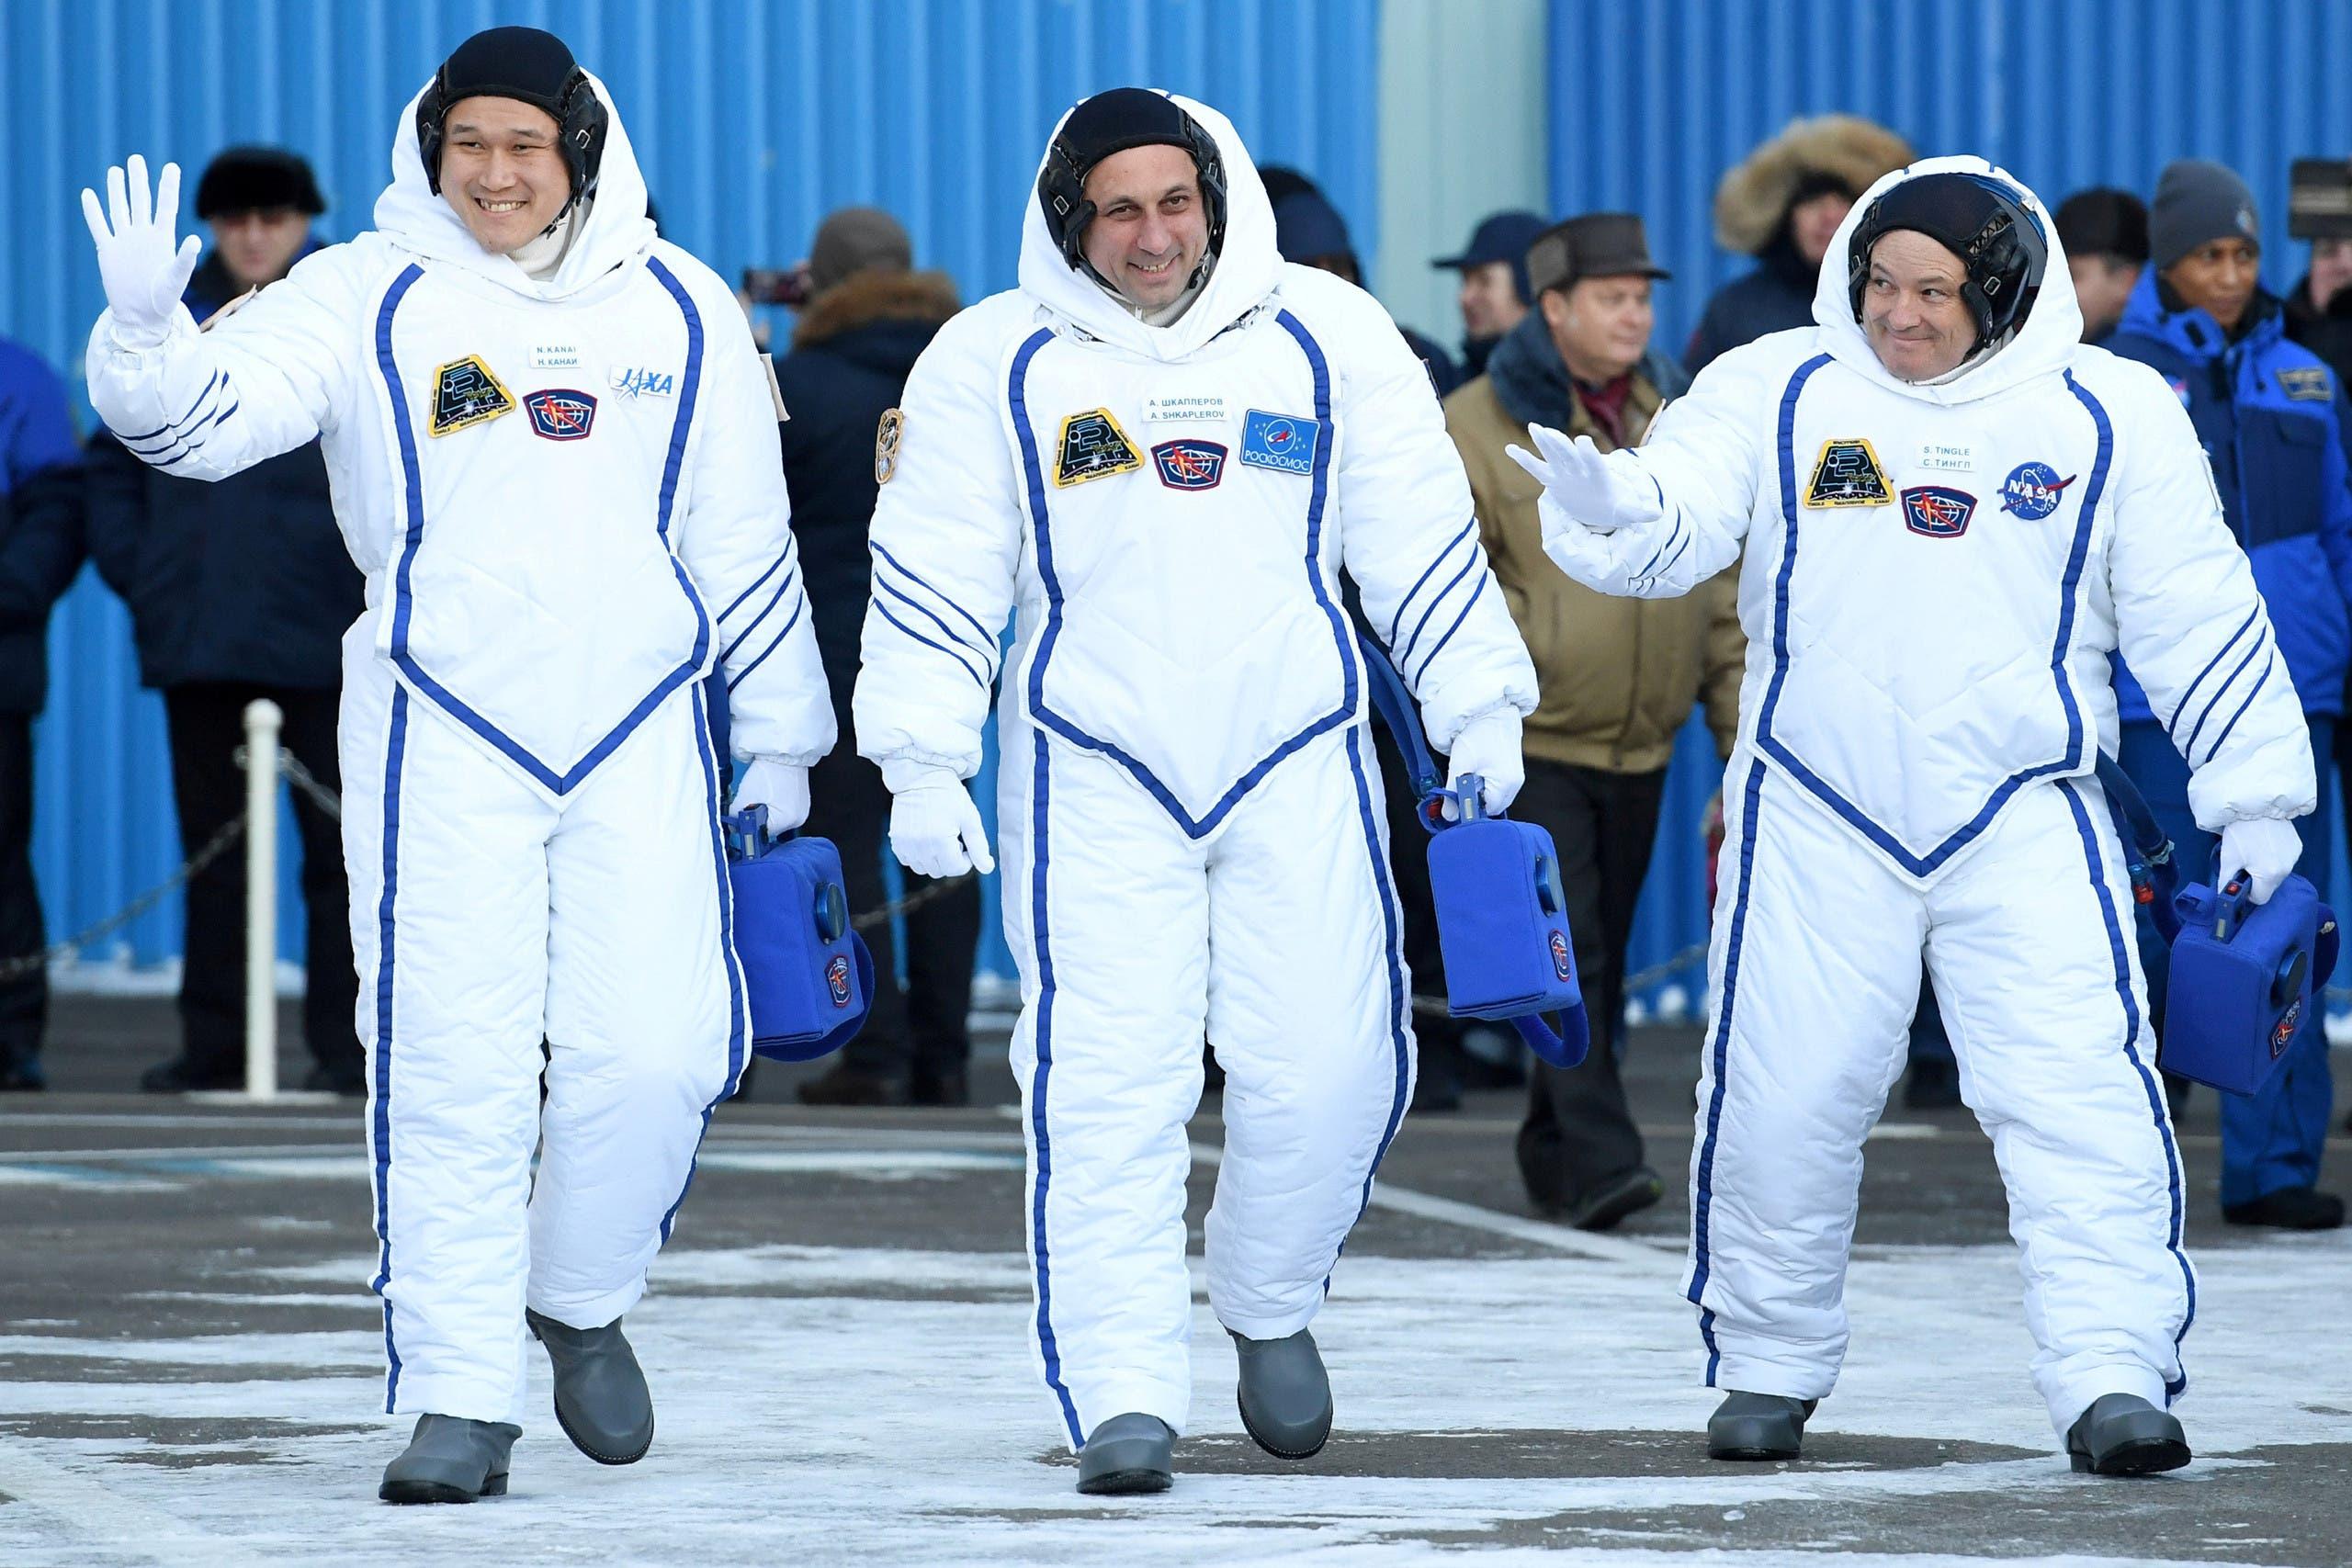 الرائد الياباني مع زملائه قبل انطلاقهم للفضاء في ديسمبر الماضي